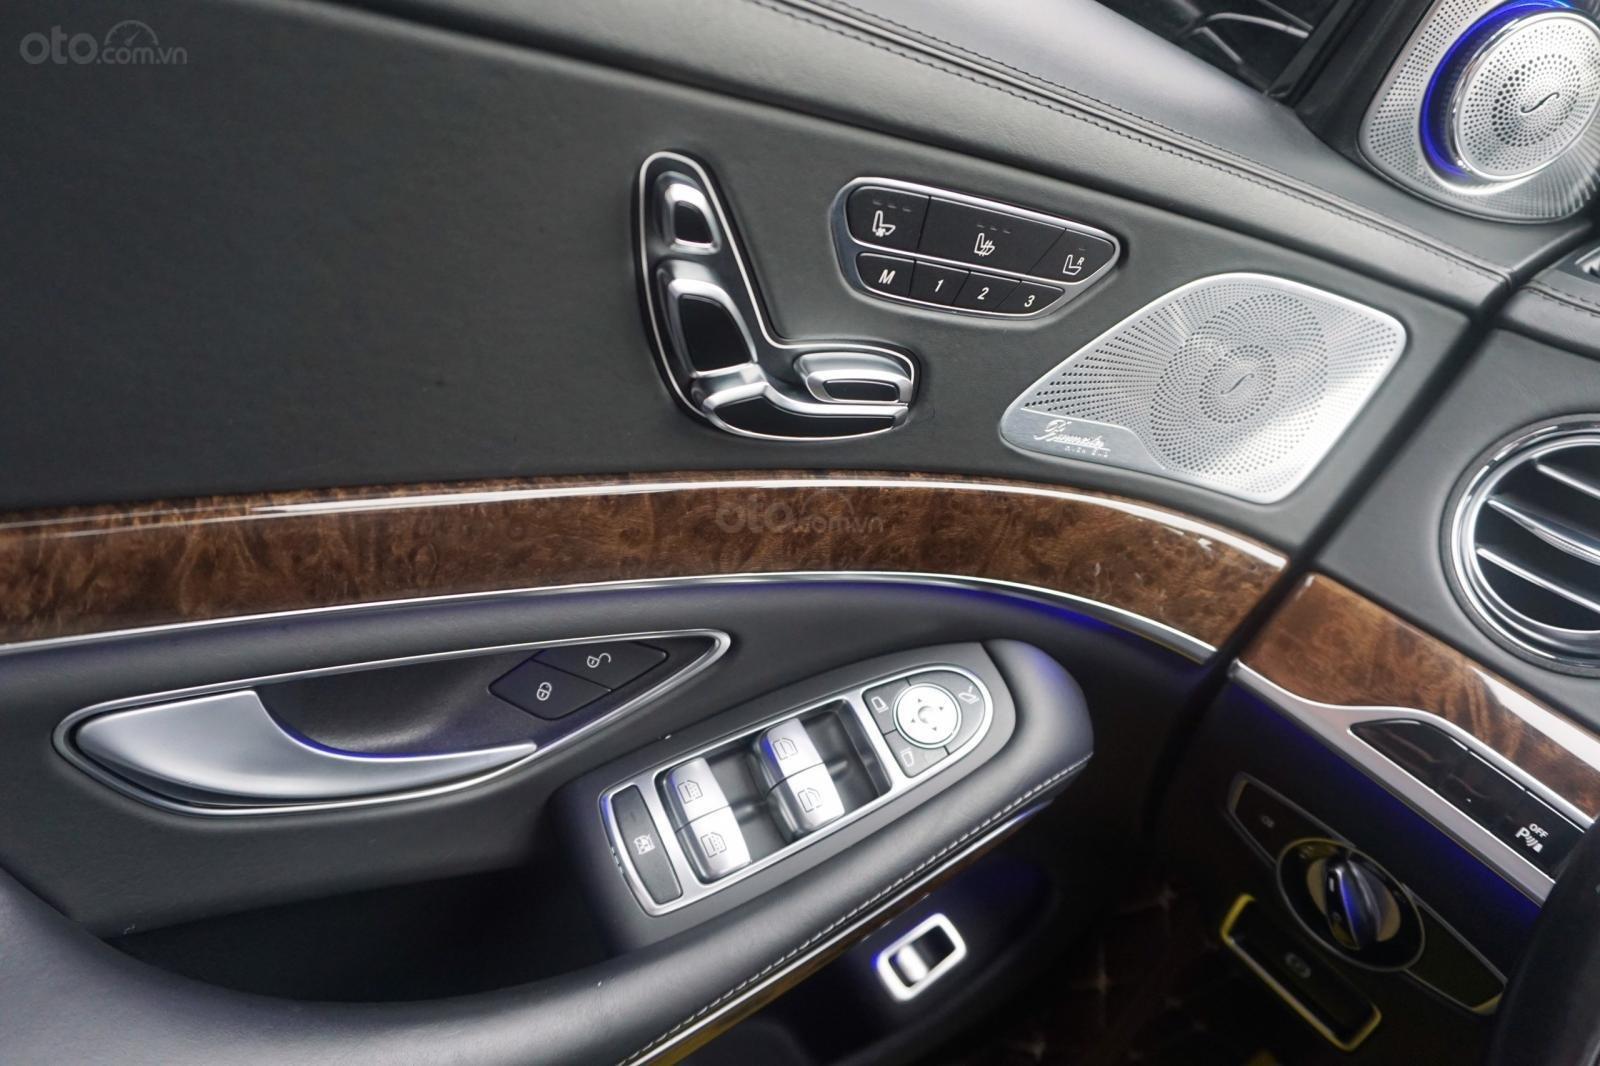 Bán xe Mercedes S500 L đời 2017, màu đen, xe siêu siêu lướt cực đẹp. LH: 0982.84.2838 (4)